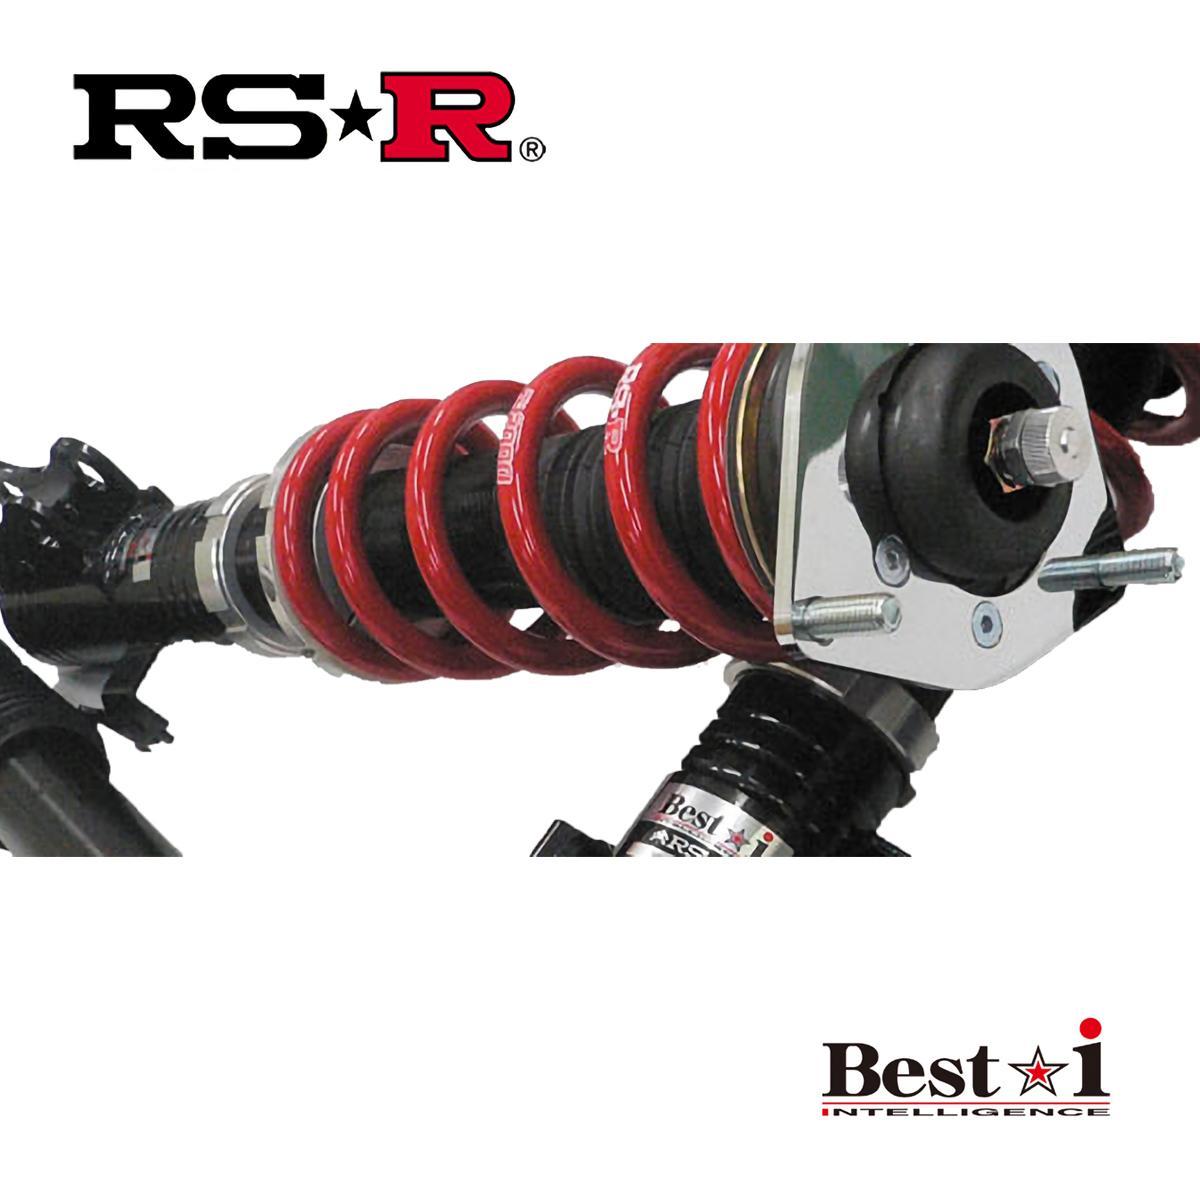 RS-R ステップワゴンスパーダ スパーダハイブリッドG EXホンダセンシング RP5 車高調 リア車高調整:ネジ式 BIH782M ベストi RSR 個人宅発送追金有